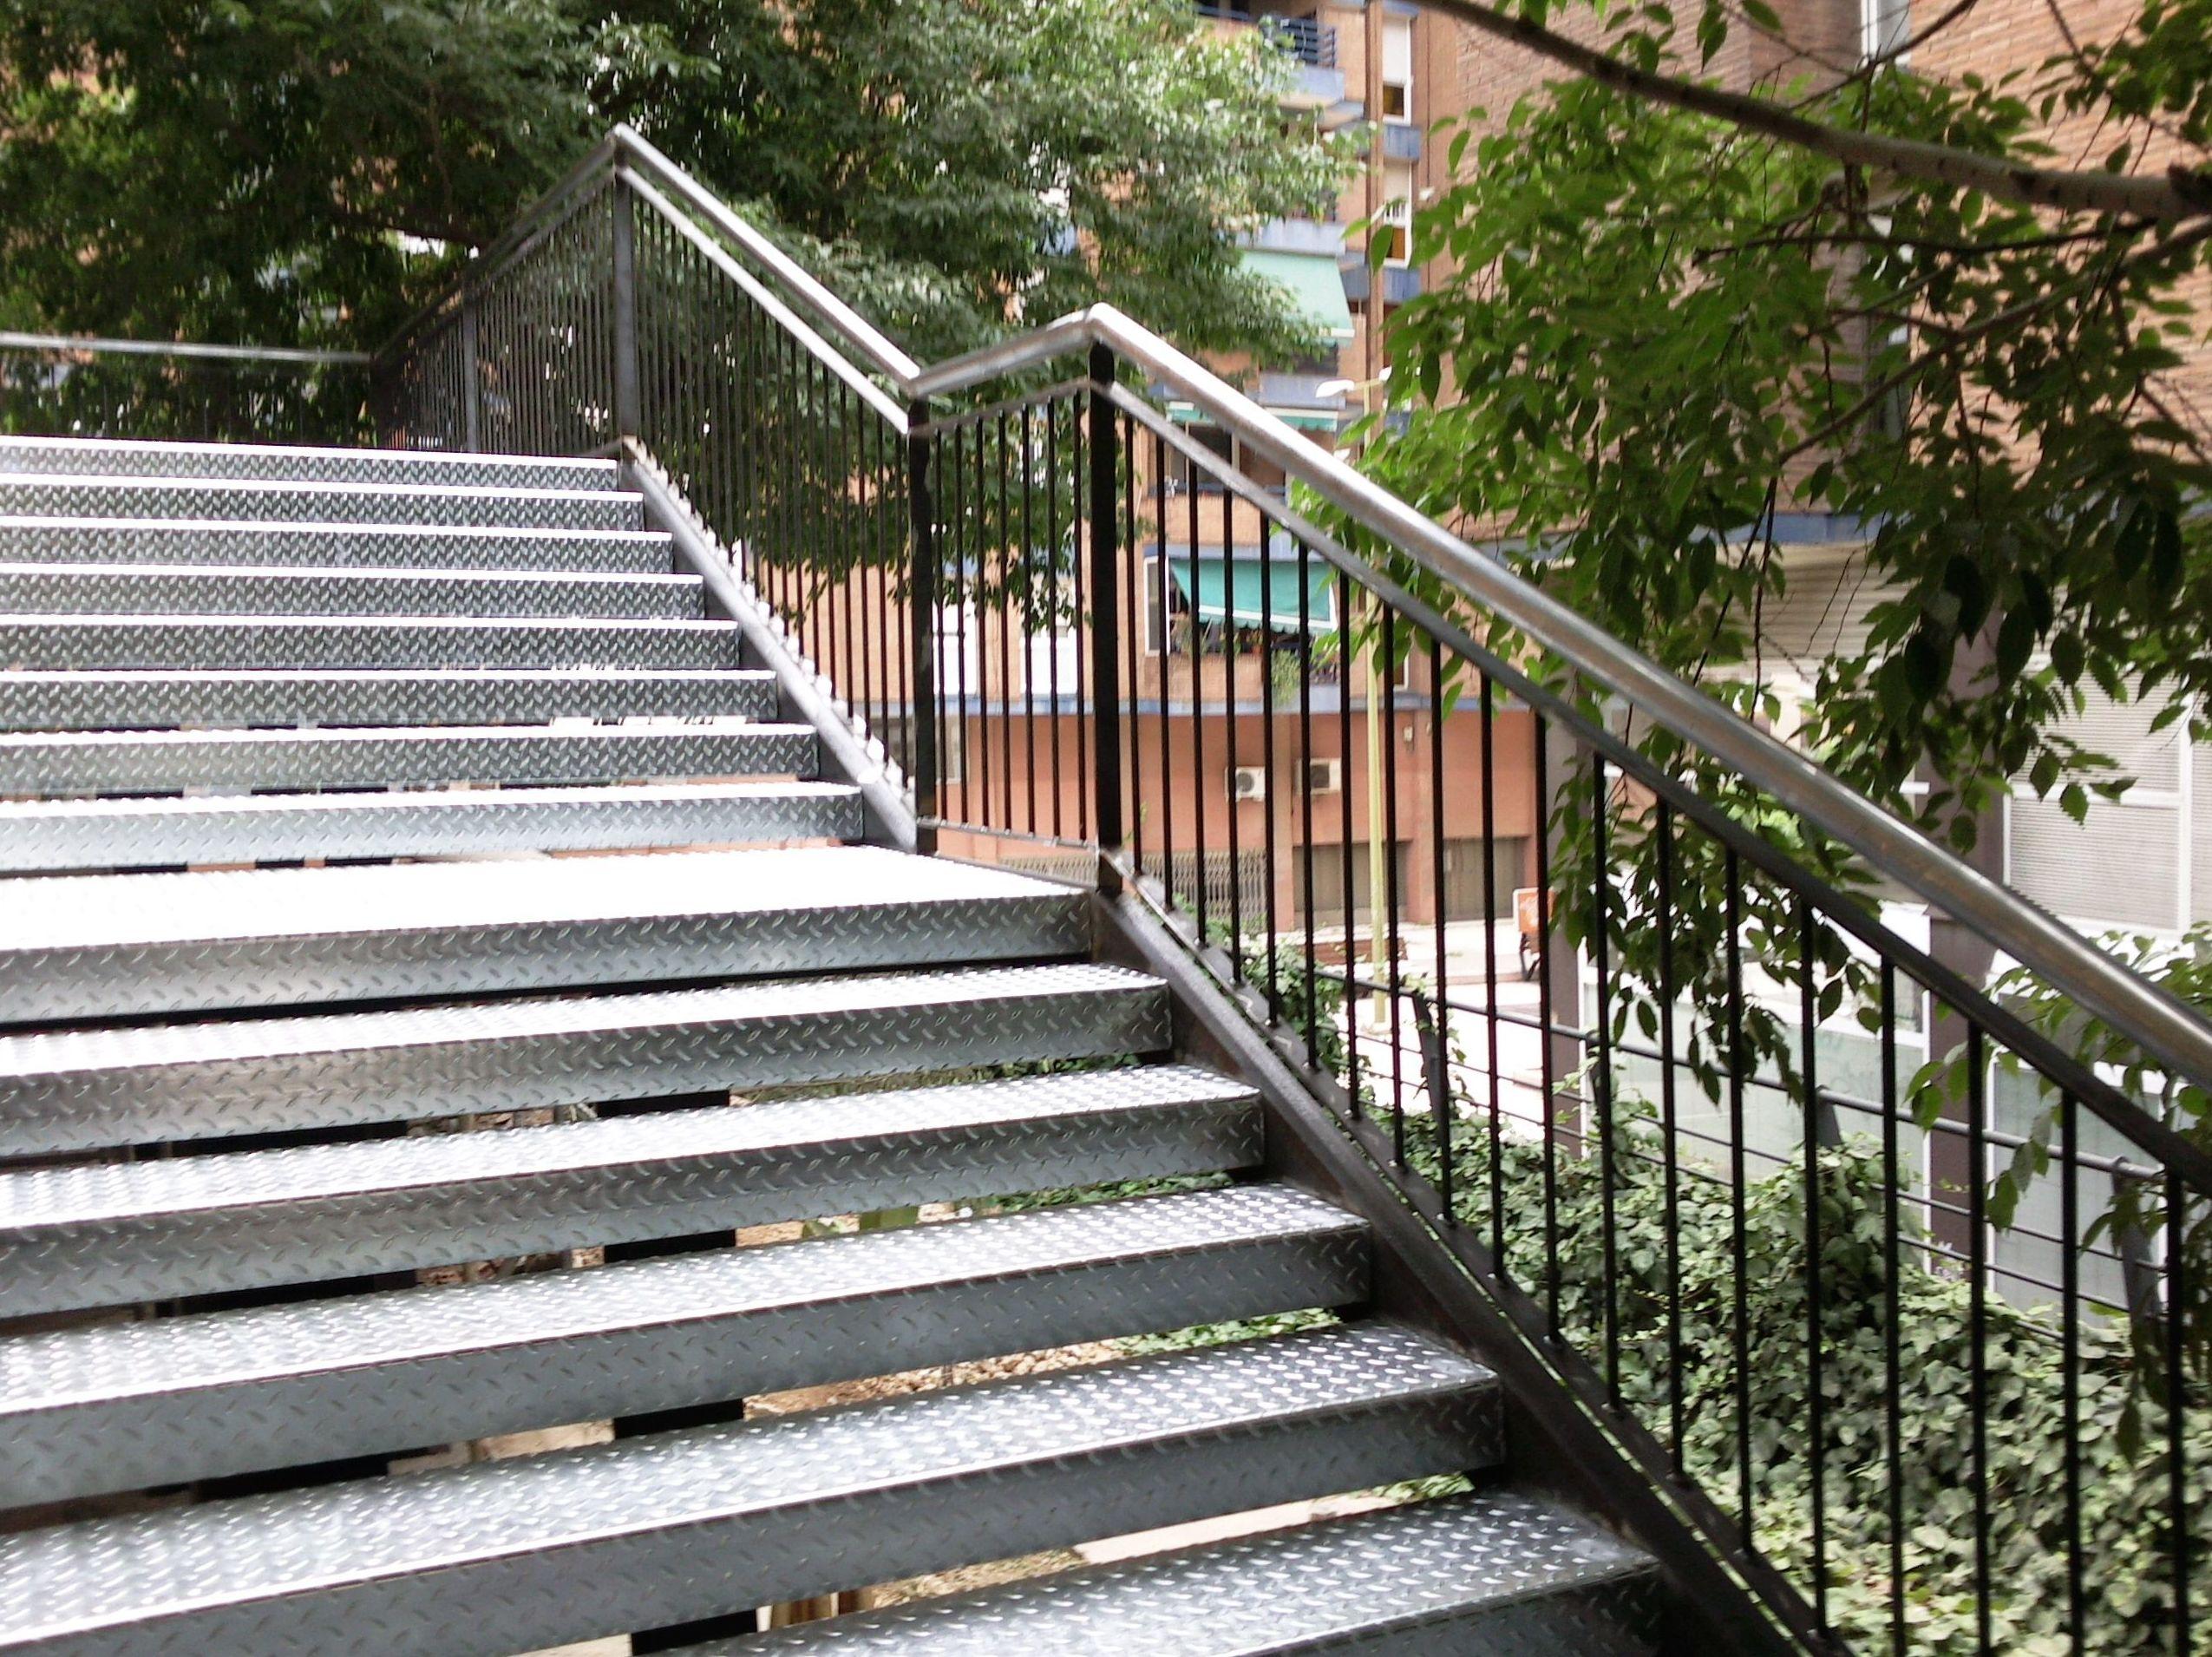 Diseñamos y fabricamos escaleras metálicas